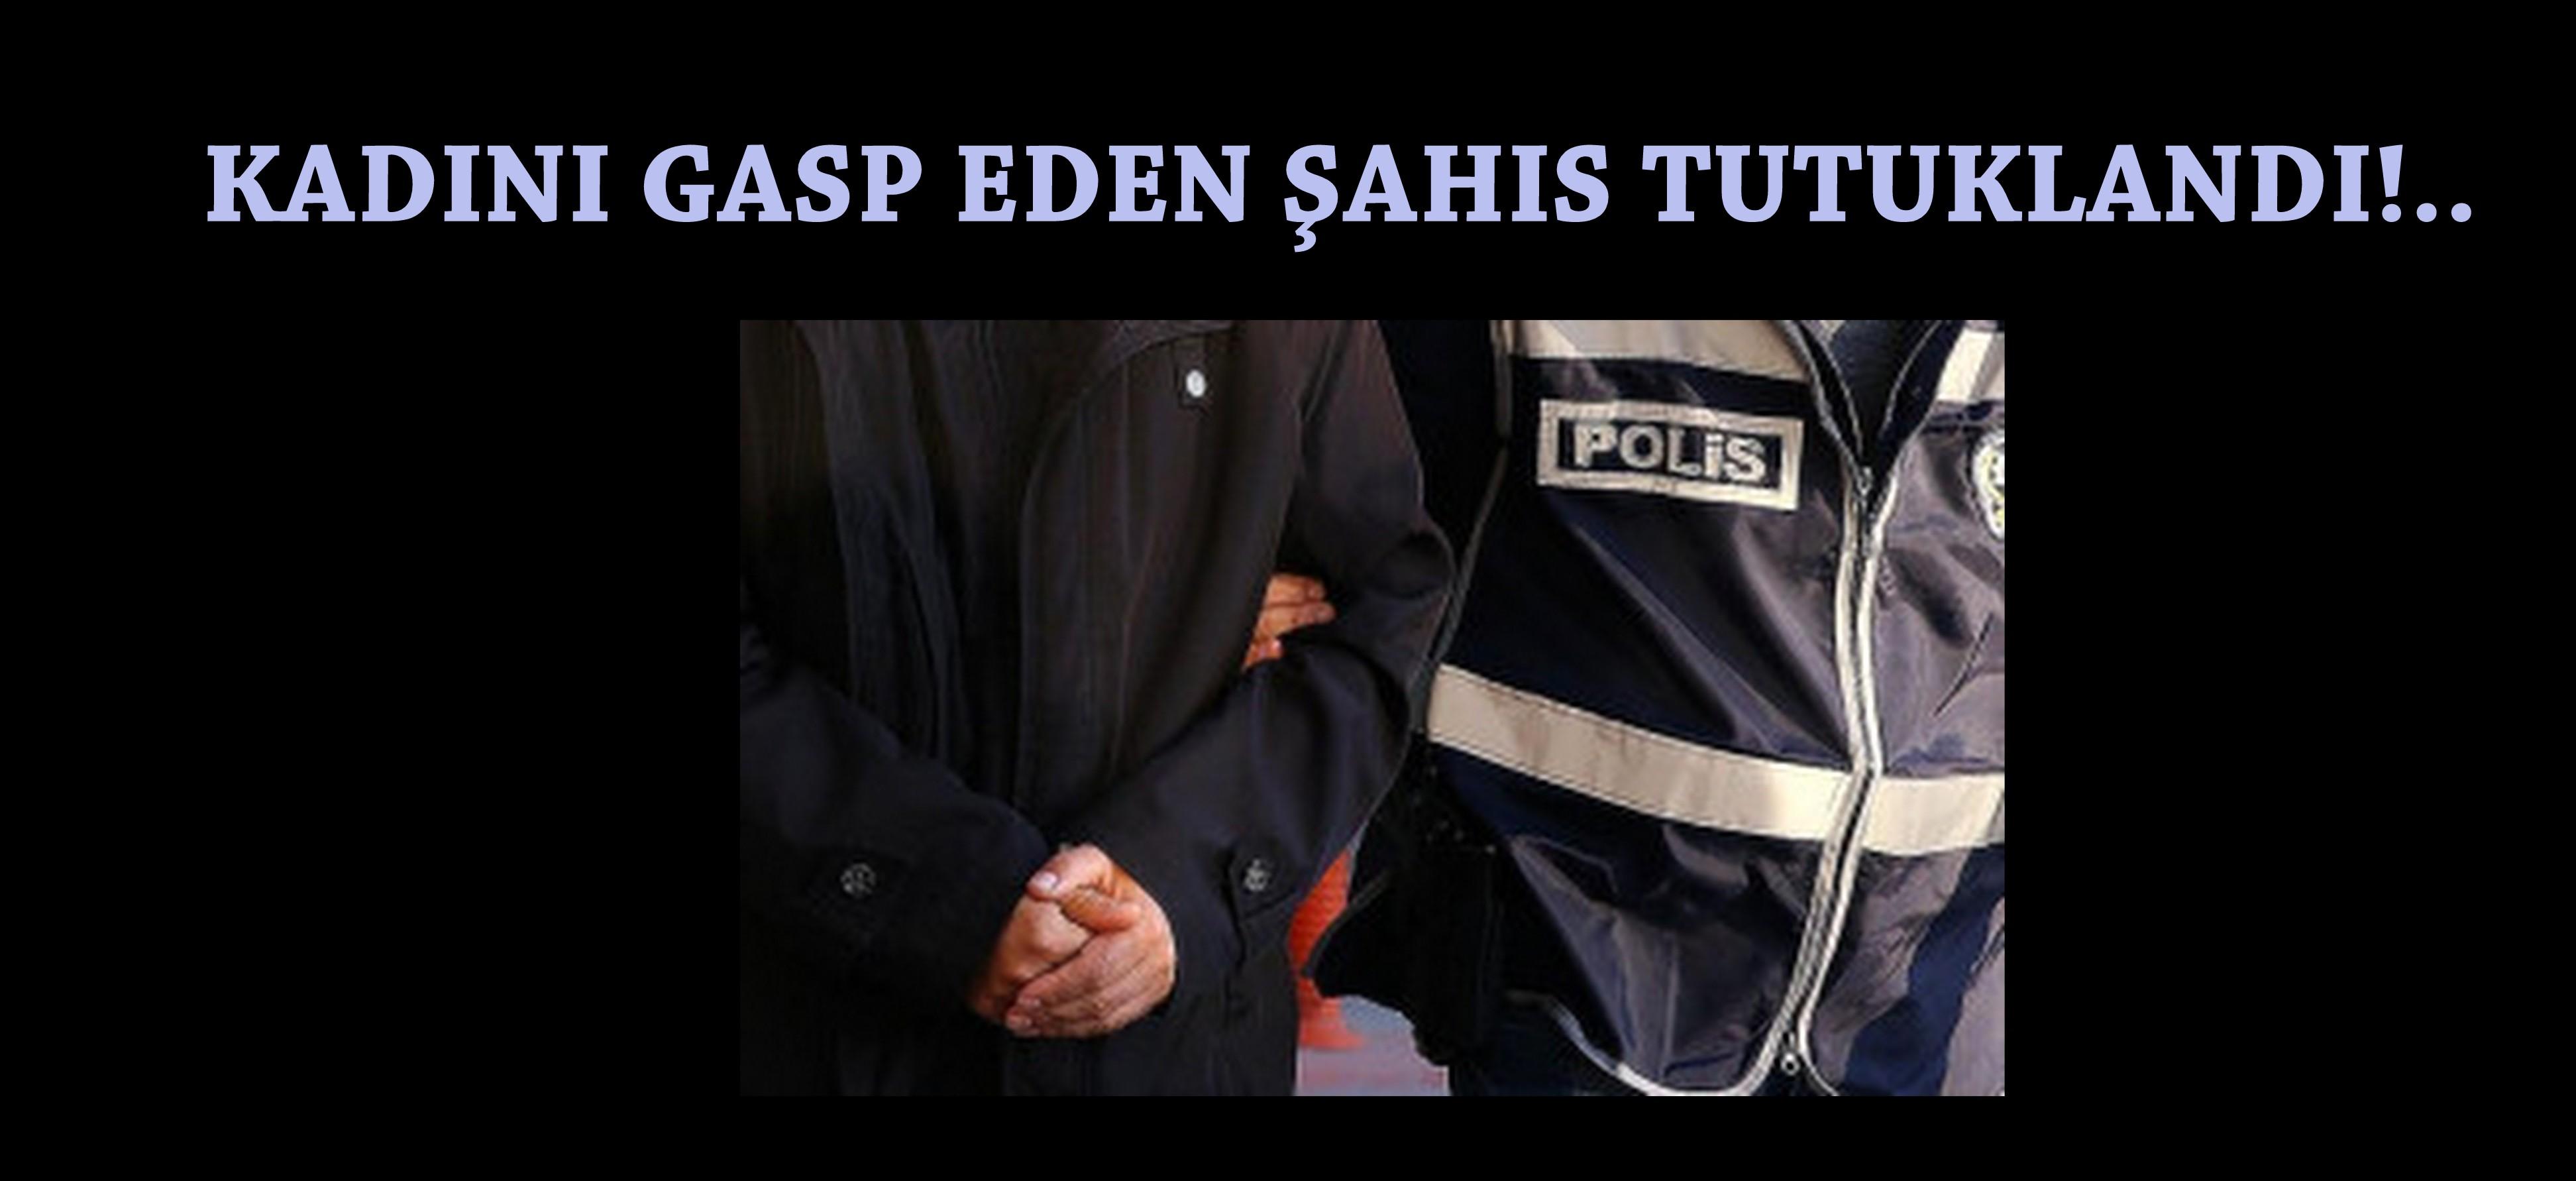 ARİFİYE'DE KADINI GASP EDEN ŞAHIS TUTUKLANDI